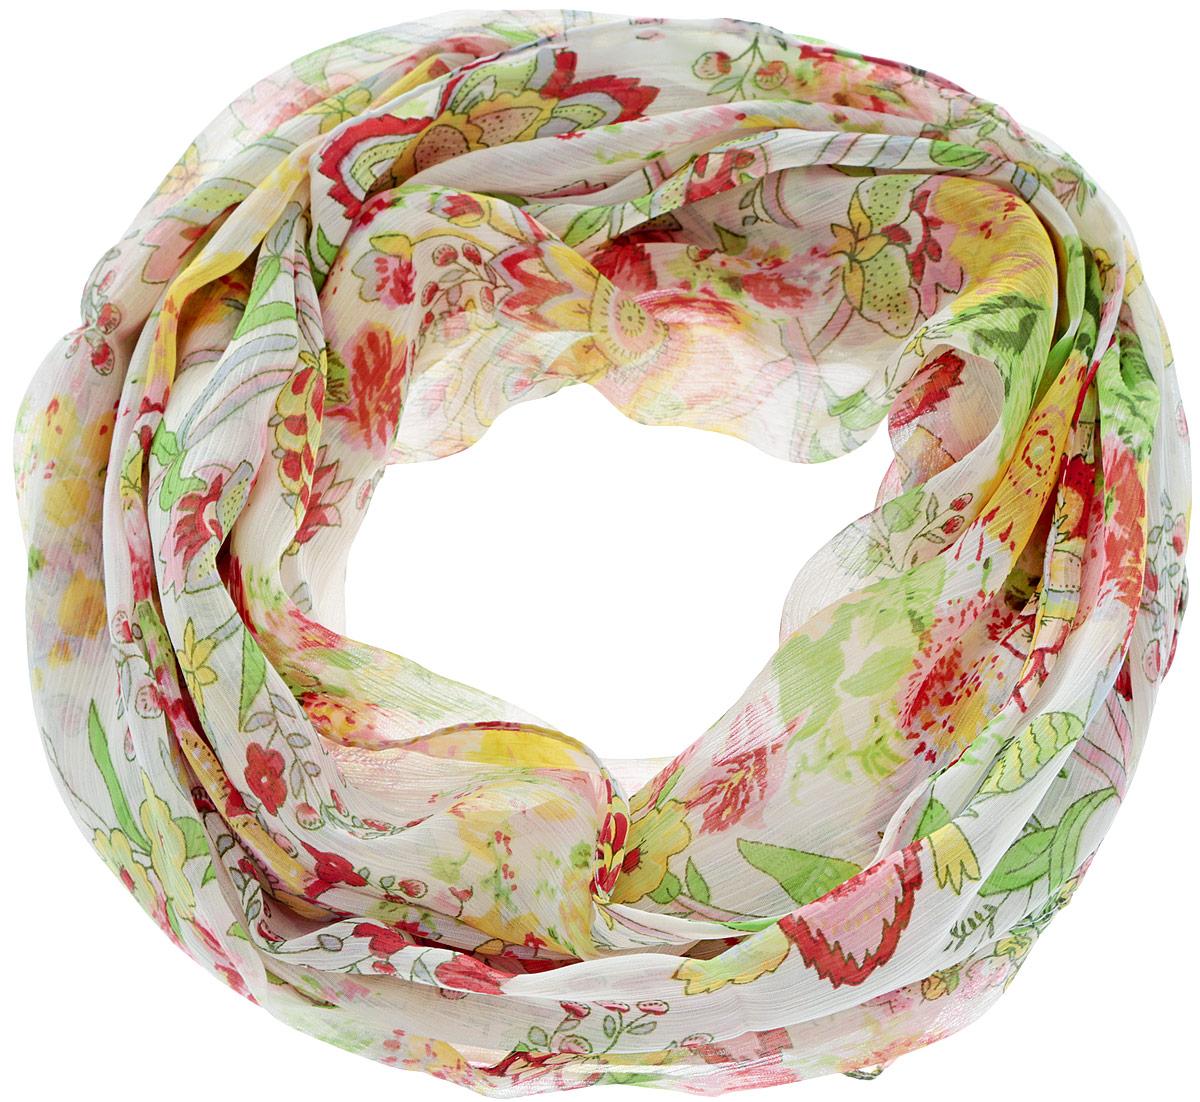 Шарф женский. 262040_цветы262040Женский шарф Ethnica, изготовленный из 100% вискозы, подчеркнет вашу индивидуальность. Благодаря своему составу, он легкий, мягкий и приятный на ощупь. Изделие оформлено оригинальным цветочным принтом. Такой аксессуар станет стильным дополнением к гардеробу современной женщины.